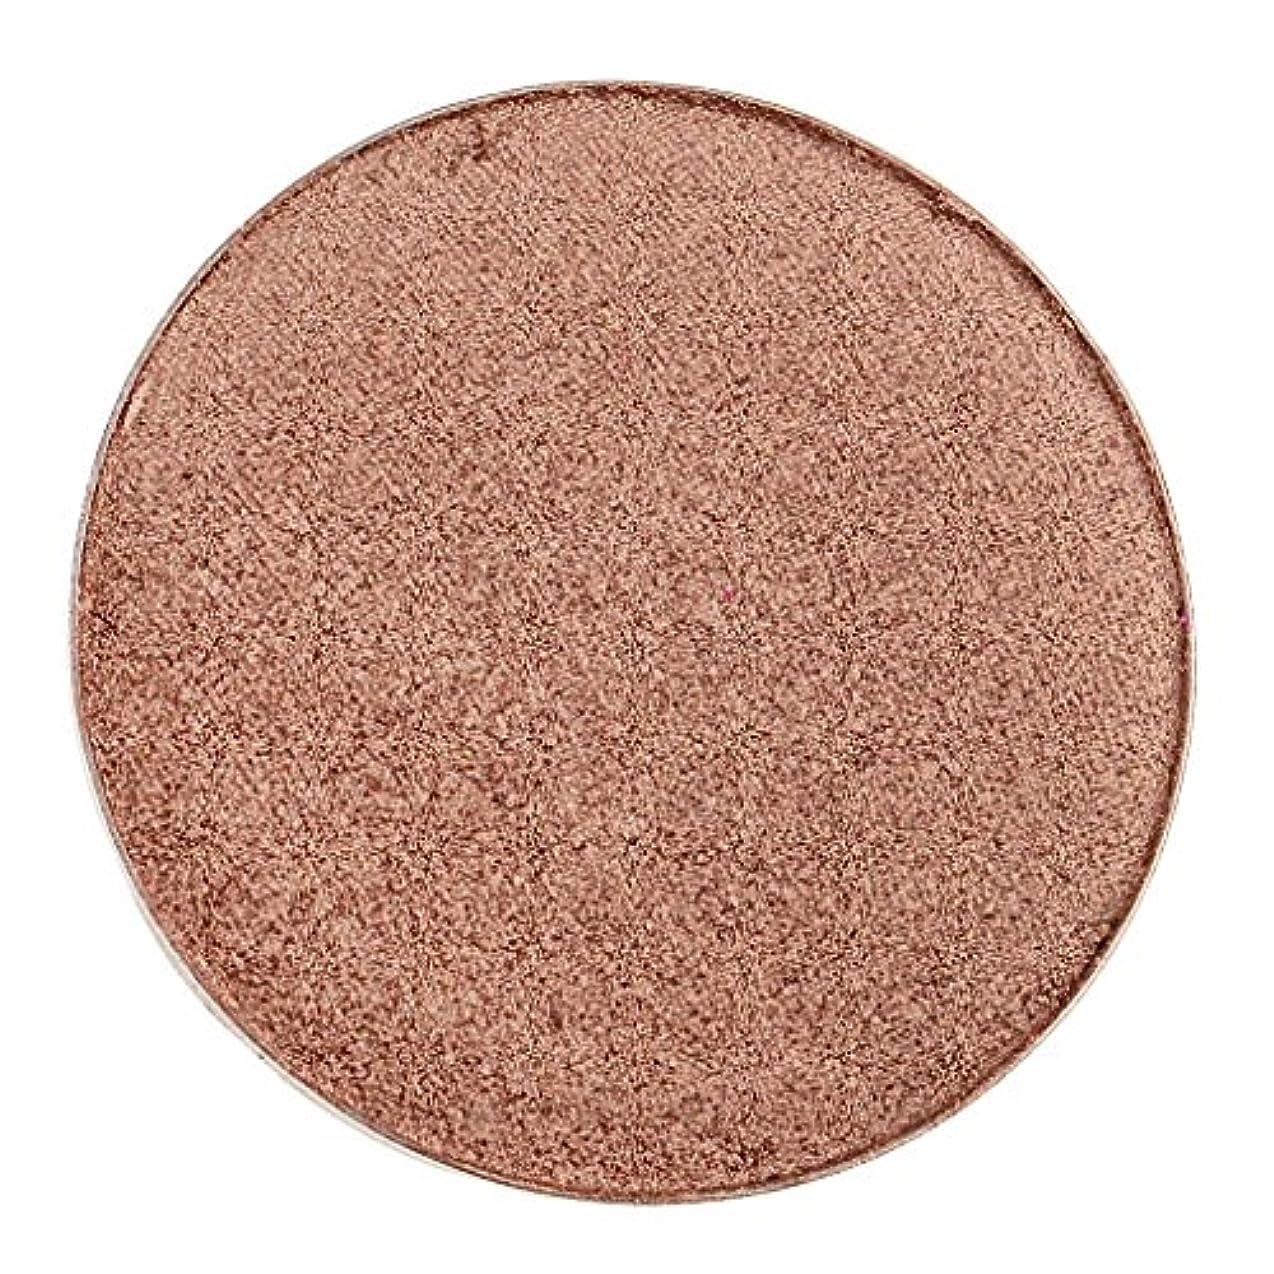 不適切な相対サイズ地獄化粧品用 アイシャドウ ハイライター パレット マット シマー アイシャドーメイク 目 魅力的 全5色 - #39ブラウン